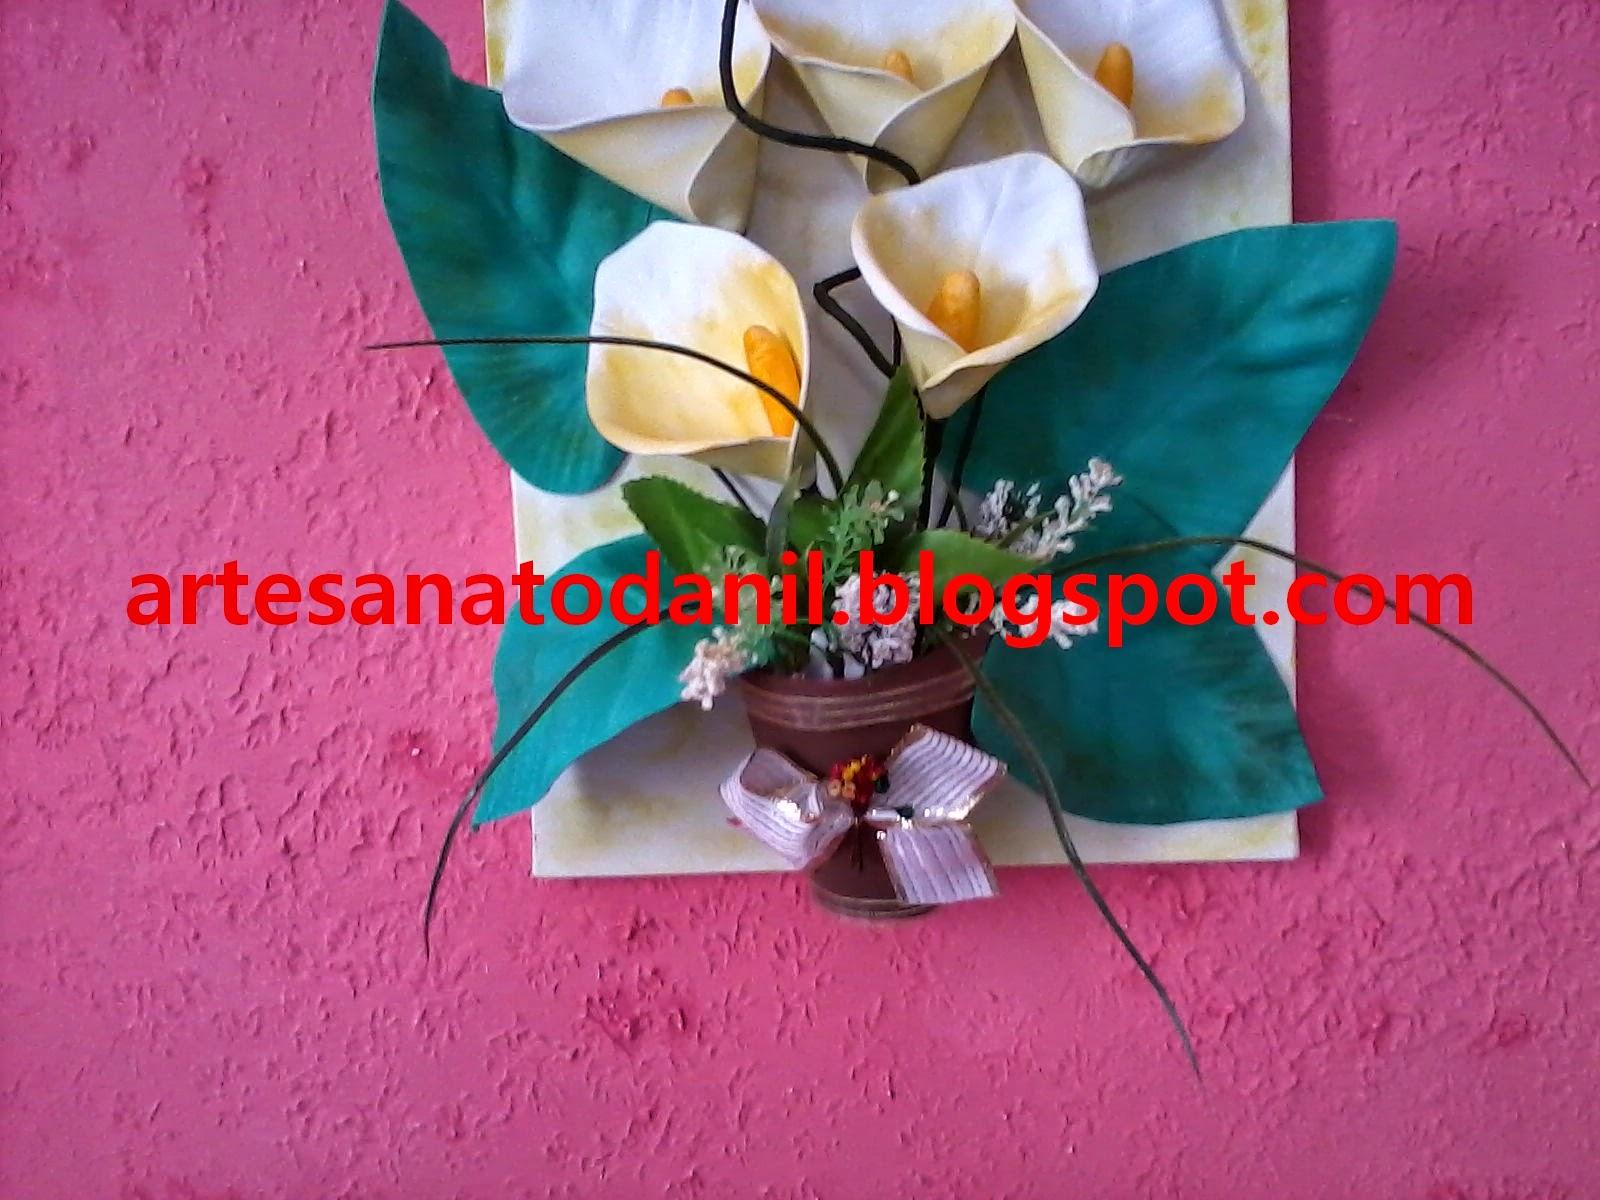 Artesanato Da Nil Quadro Com Tela Com Flor De Eva Copo De